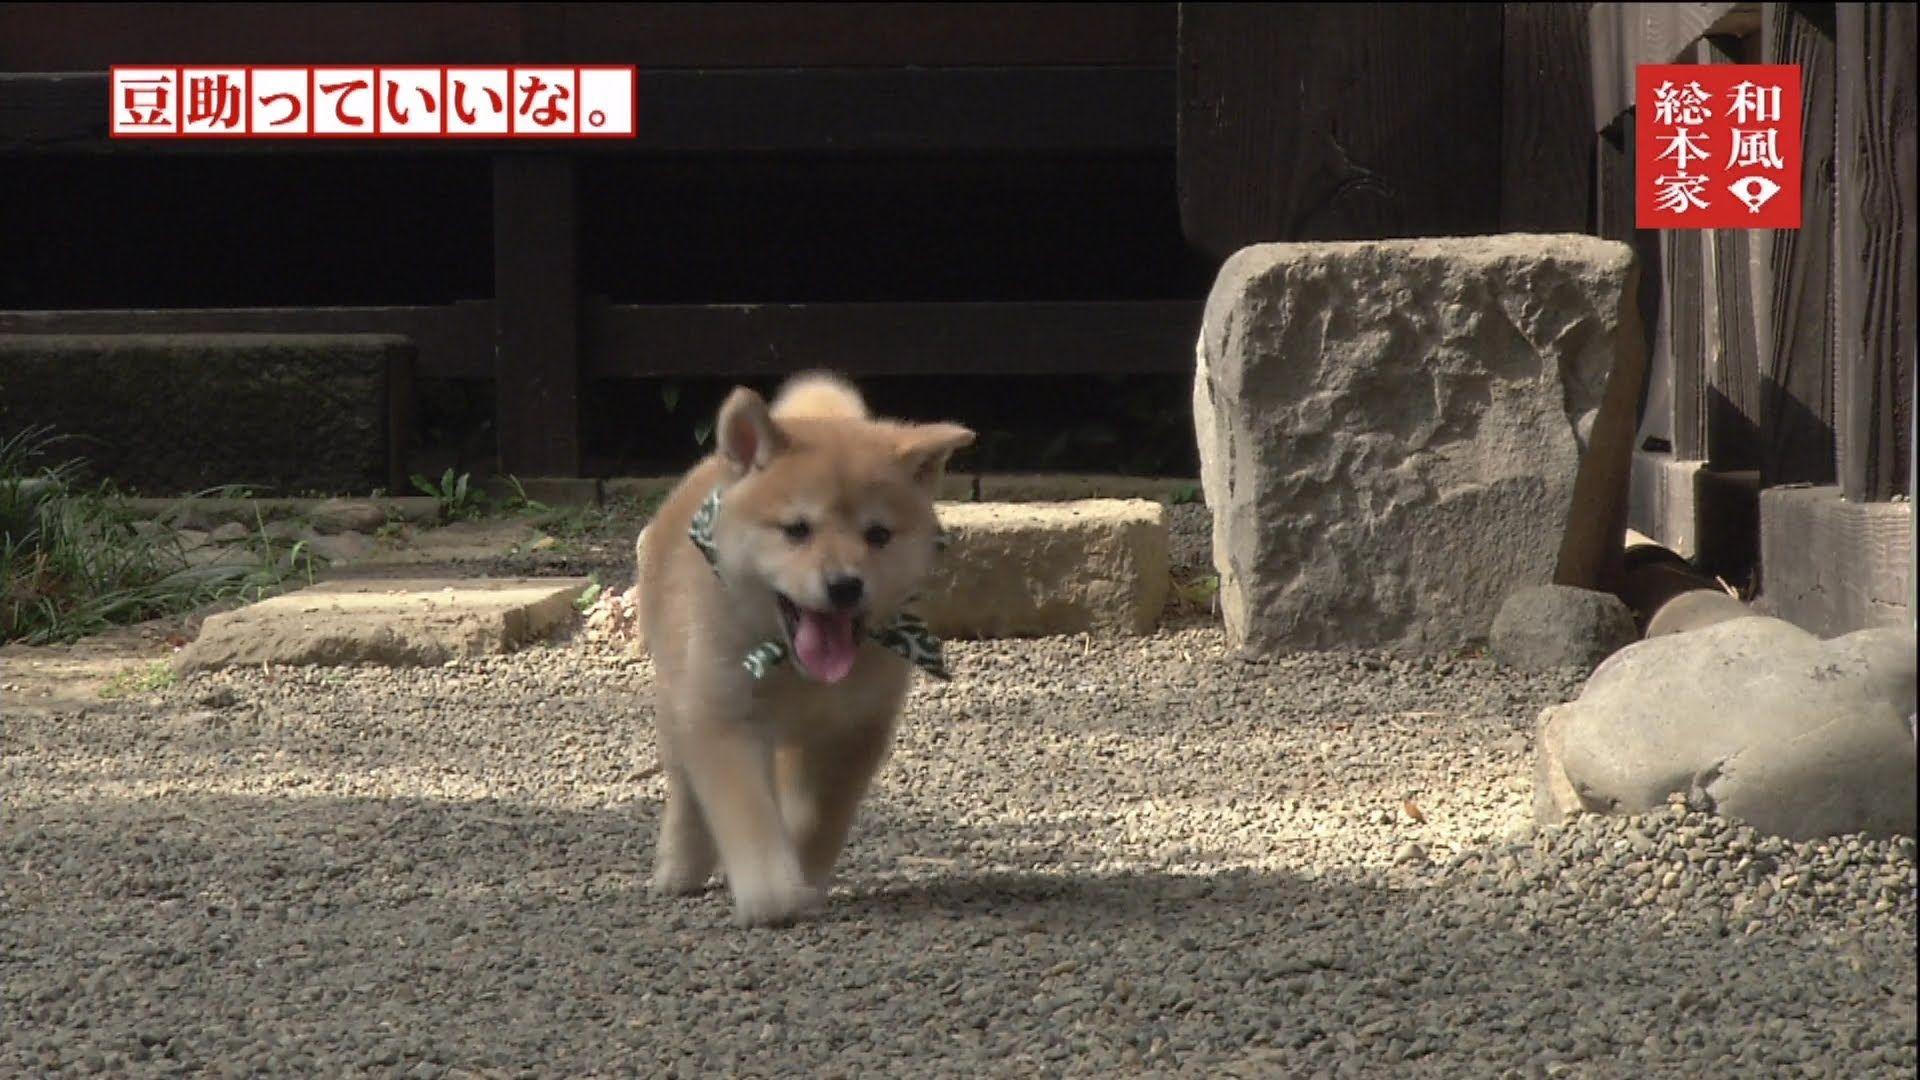 豆助っていいな 1 お散歩大好き編 柴犬 いぬ 犬